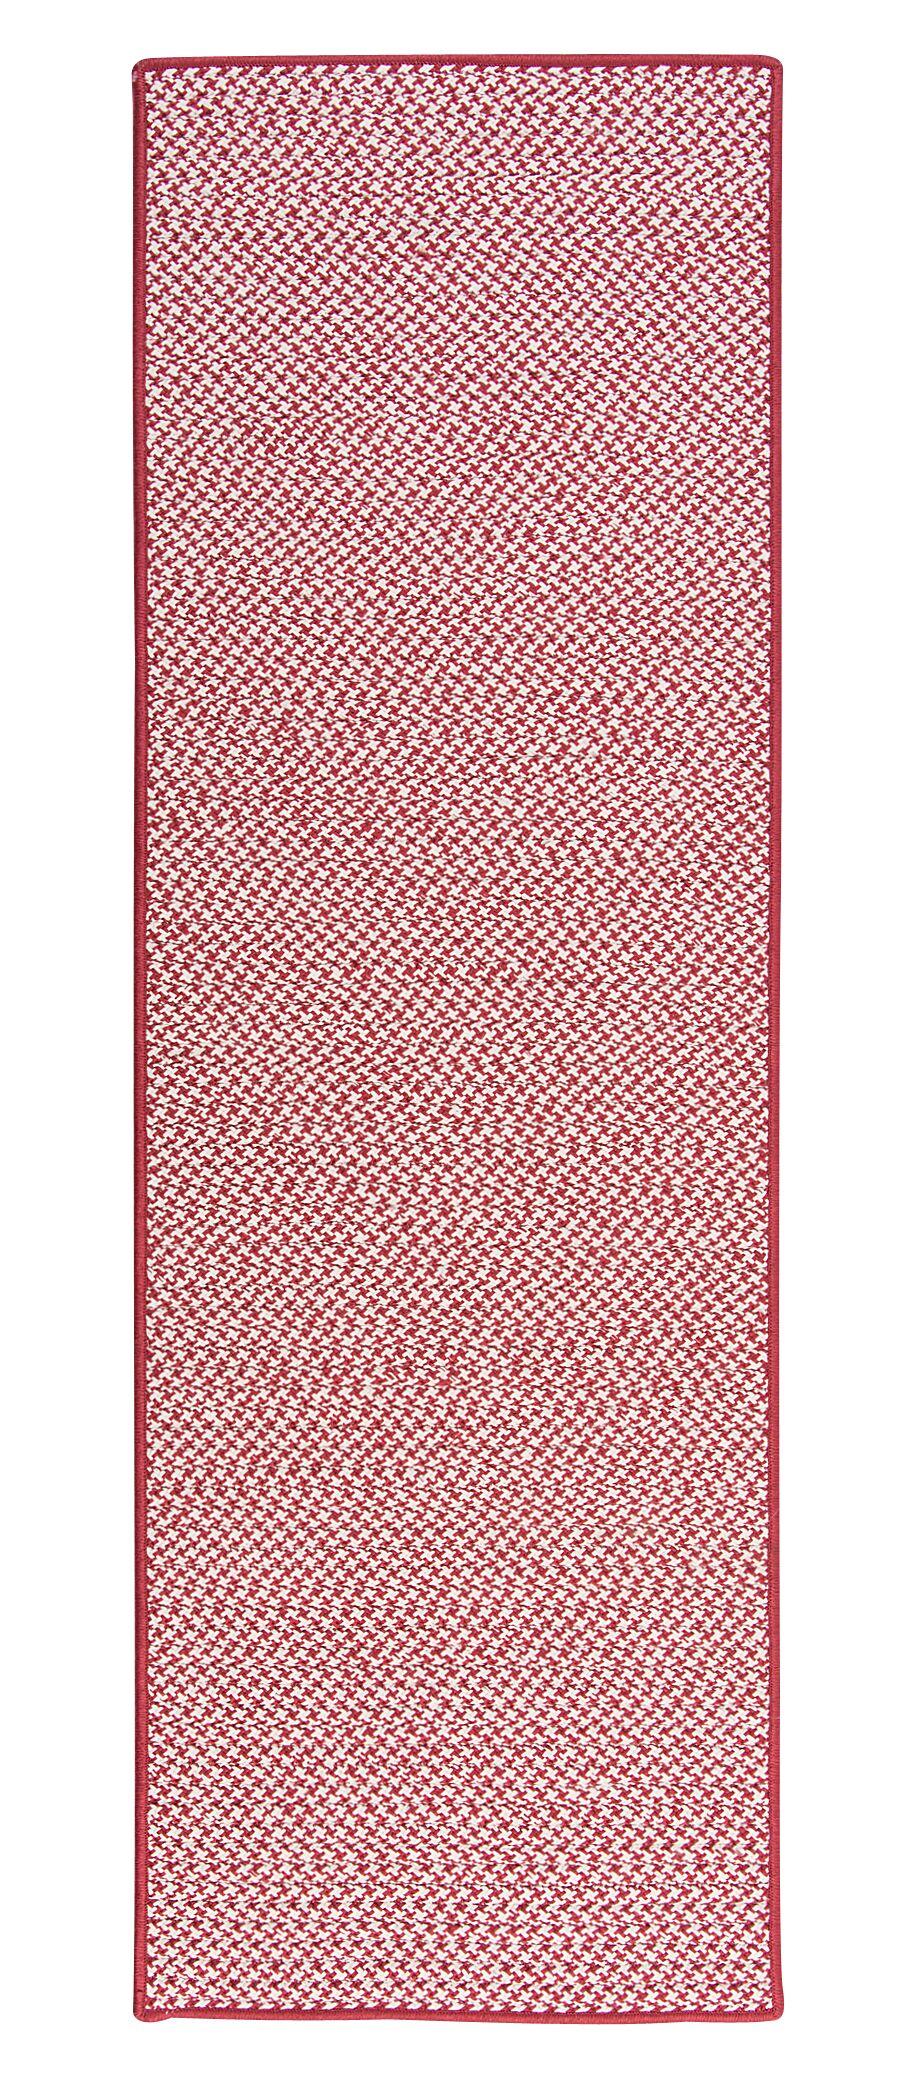 Outdoor Houndstooth Tweed Sangria Area Rug Rug Size: Runner 2' x 12'